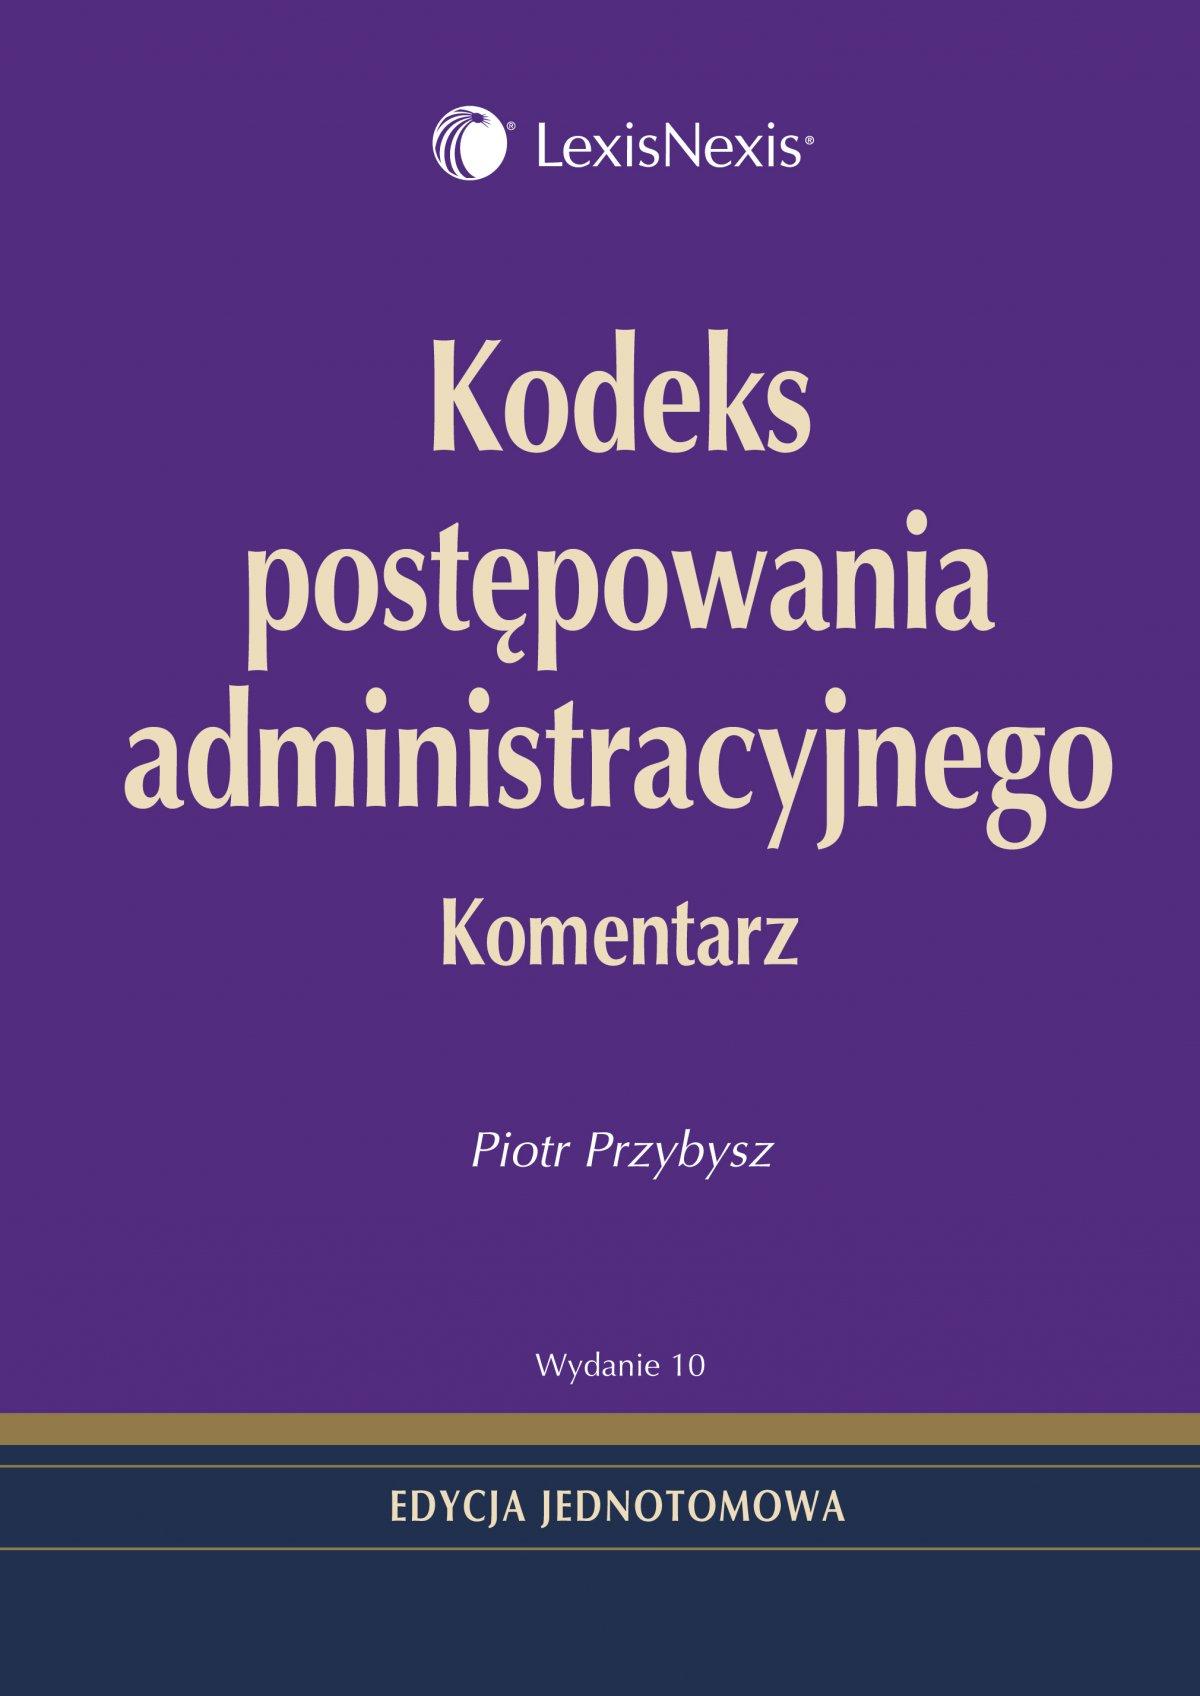 Kodeks postępowania administracyjnego. Komentarz - Ebook (Książka EPUB) do pobrania w formacie EPUB